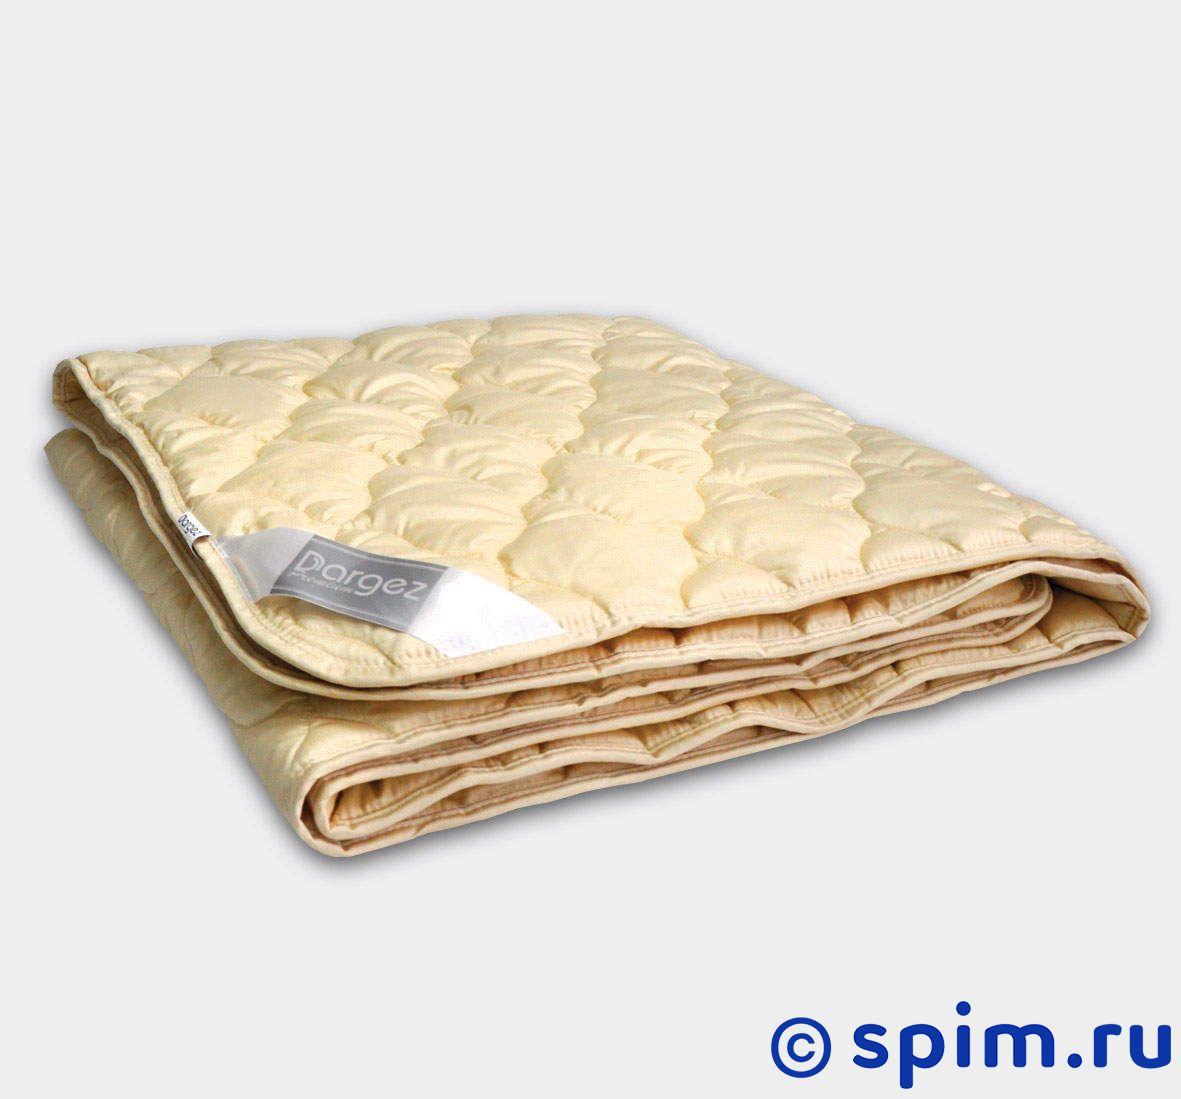 Одеяло Dargez Арно легкое 170(172)х205 смОдеяла и подушки Dargez<br>Наполнитель: шерсть мериноса. Ткань чехла: гладкокрашеный сатин (100% хлопок). Размеры, см: 140х205, 172х205, 200х220. Размер : 170(172) x 205 см<br><br>Ширина см: 170(172)<br>Длина см: 205